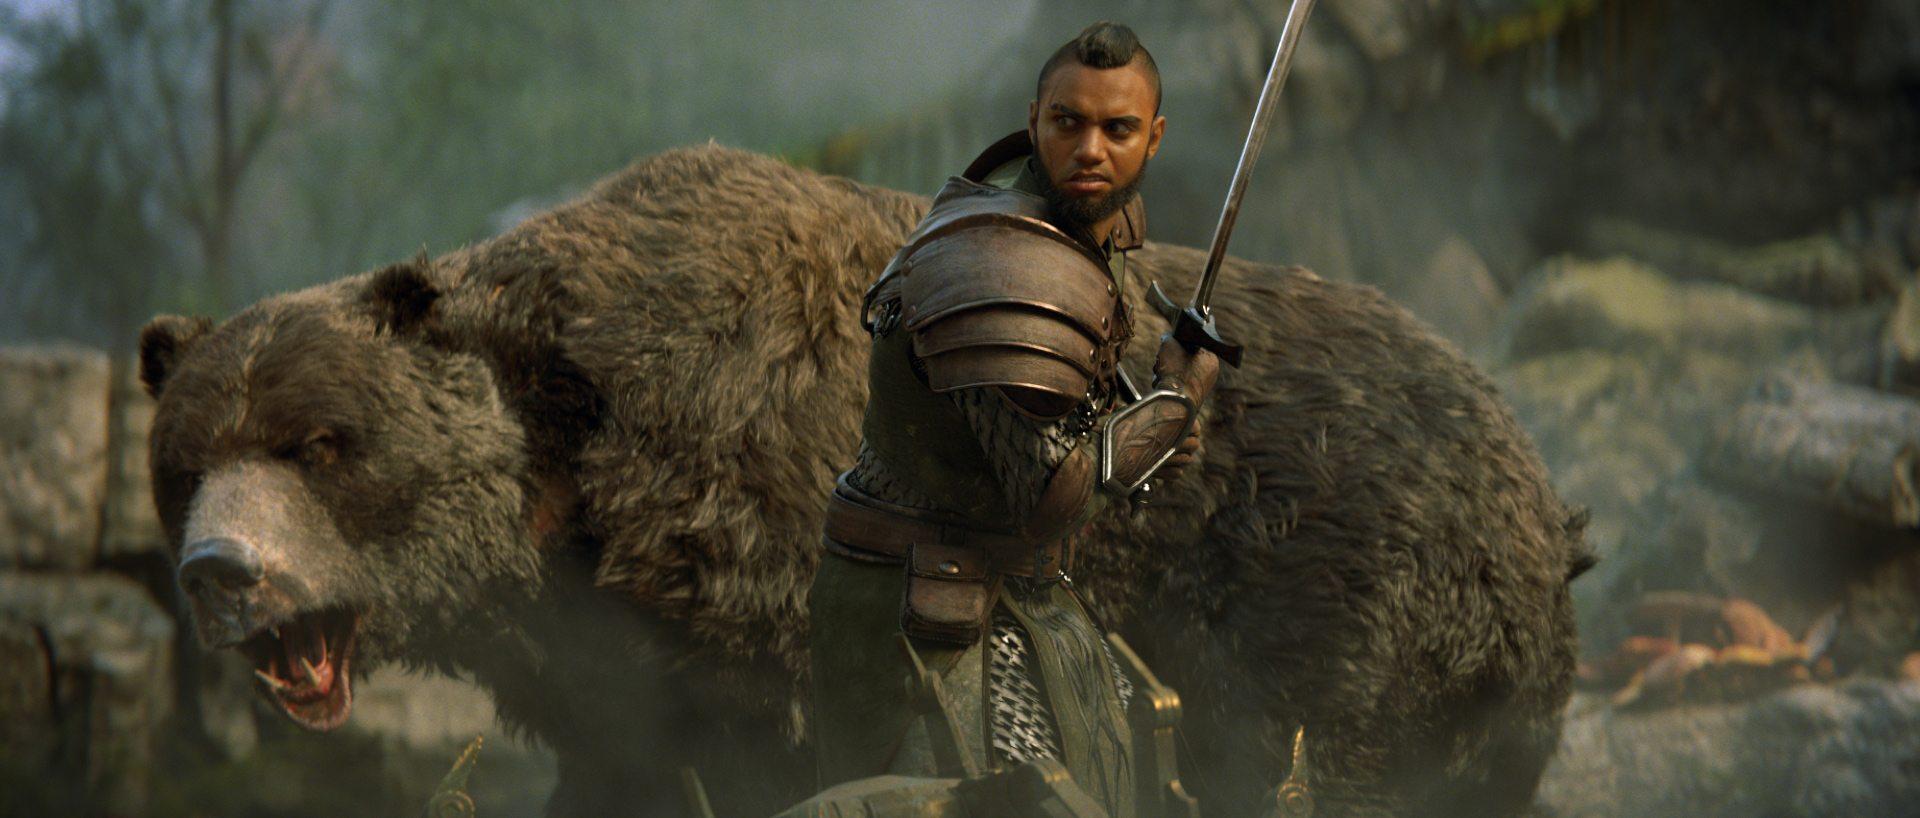 Il Warden e il suo fidato compagno.